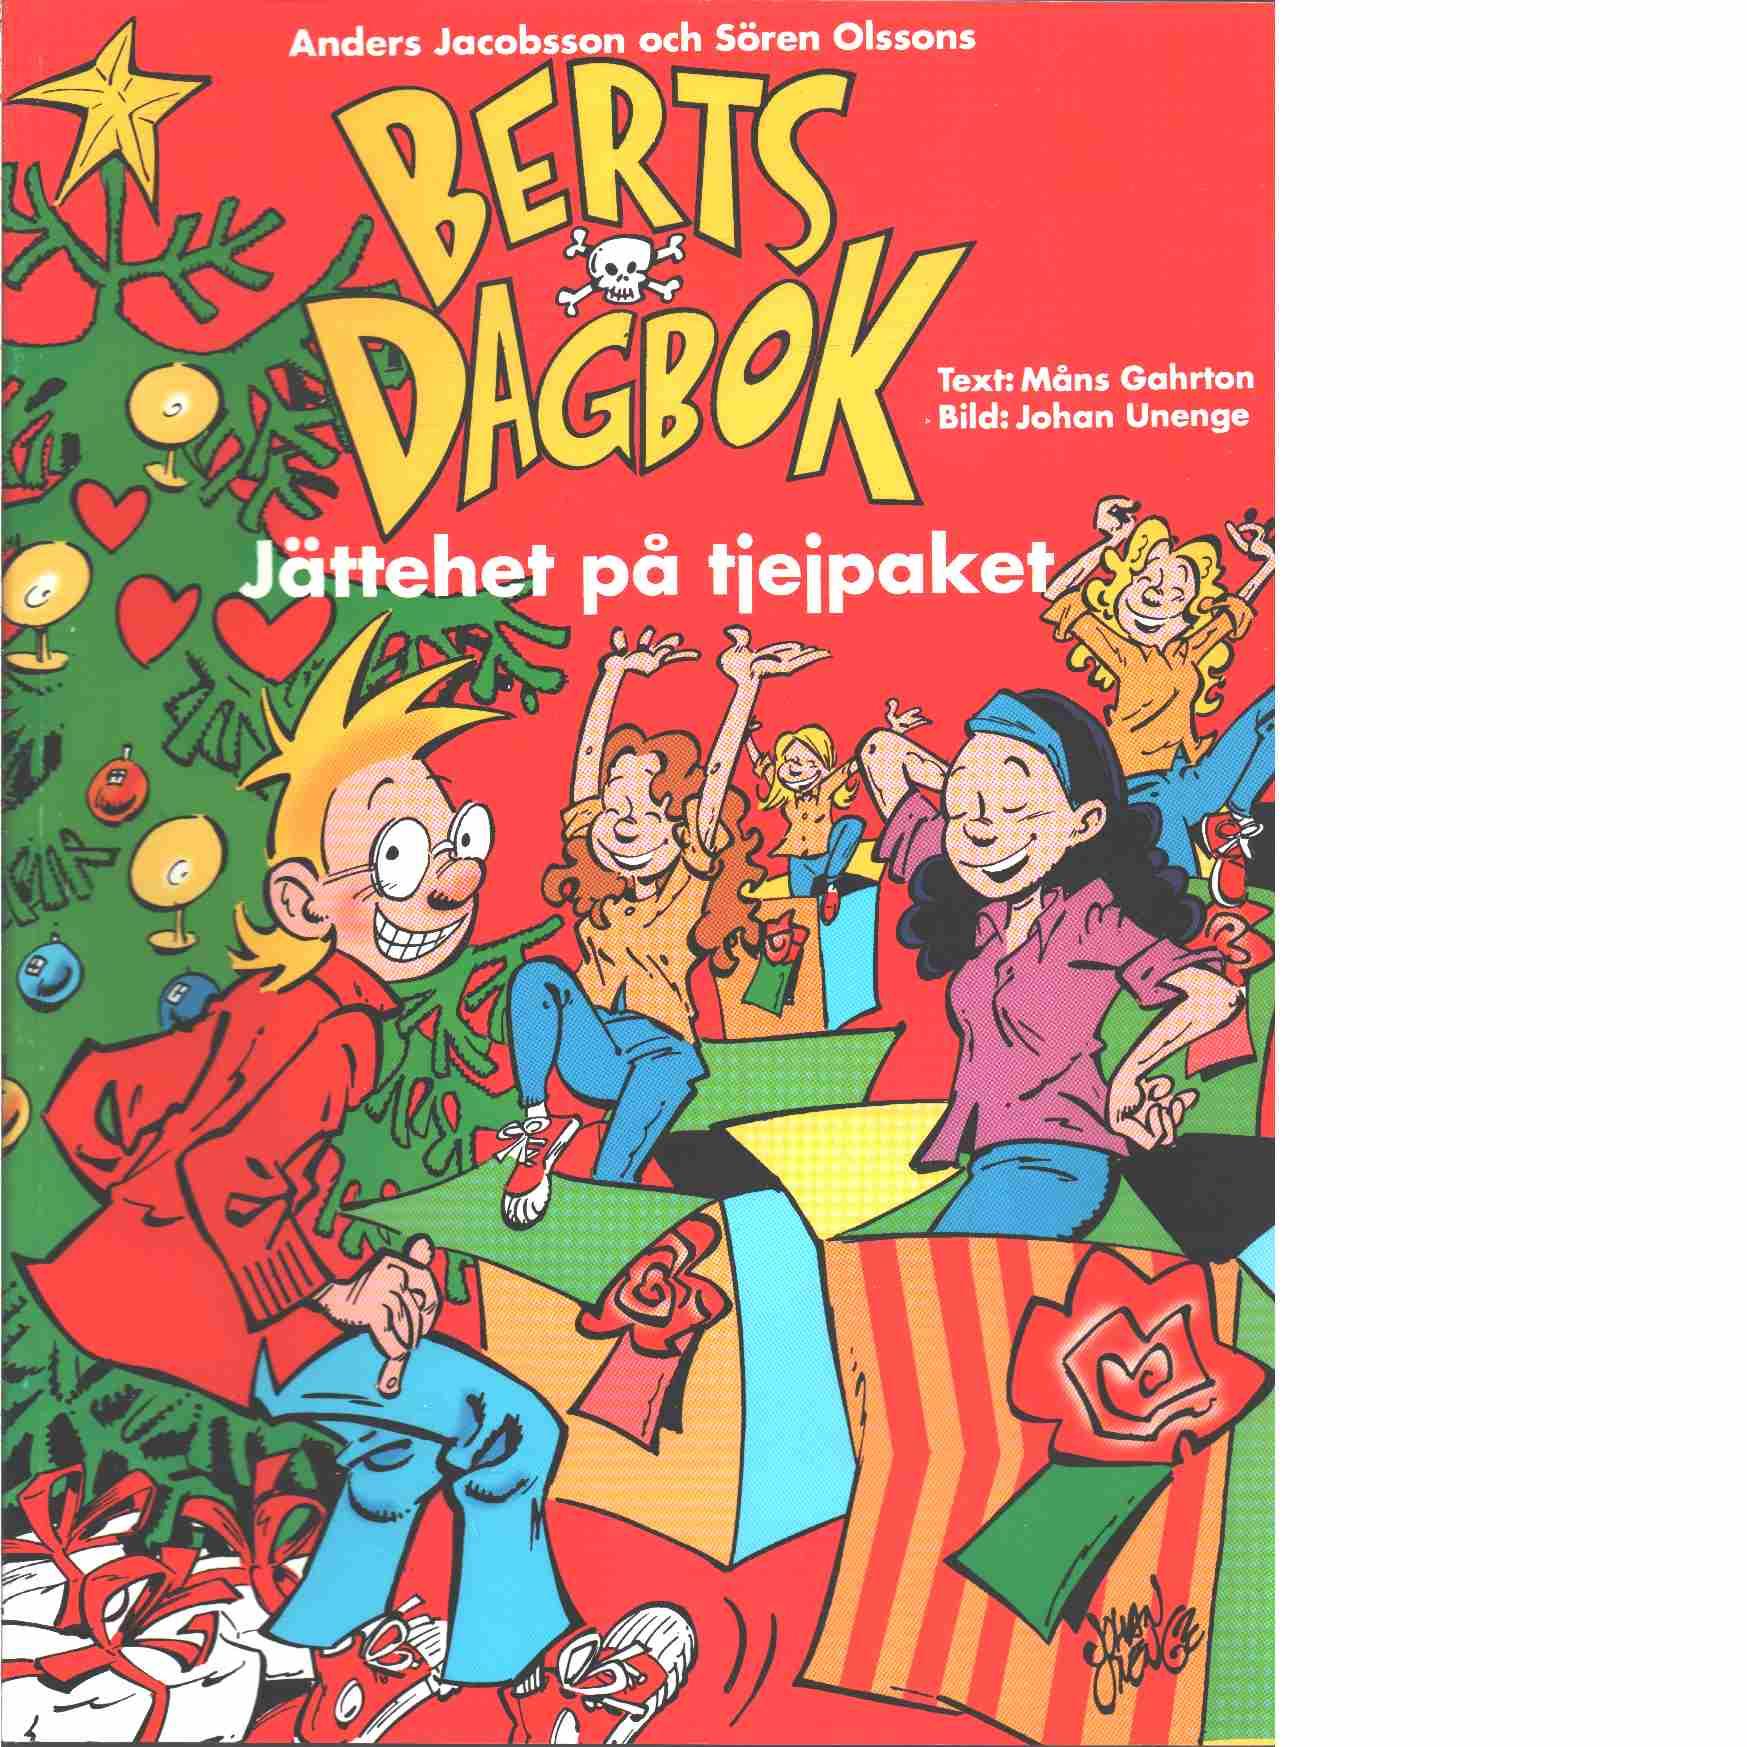 Berts dagbok : Jättehet på tjejpaket - Gahrton, Måns och Unenge, Johan